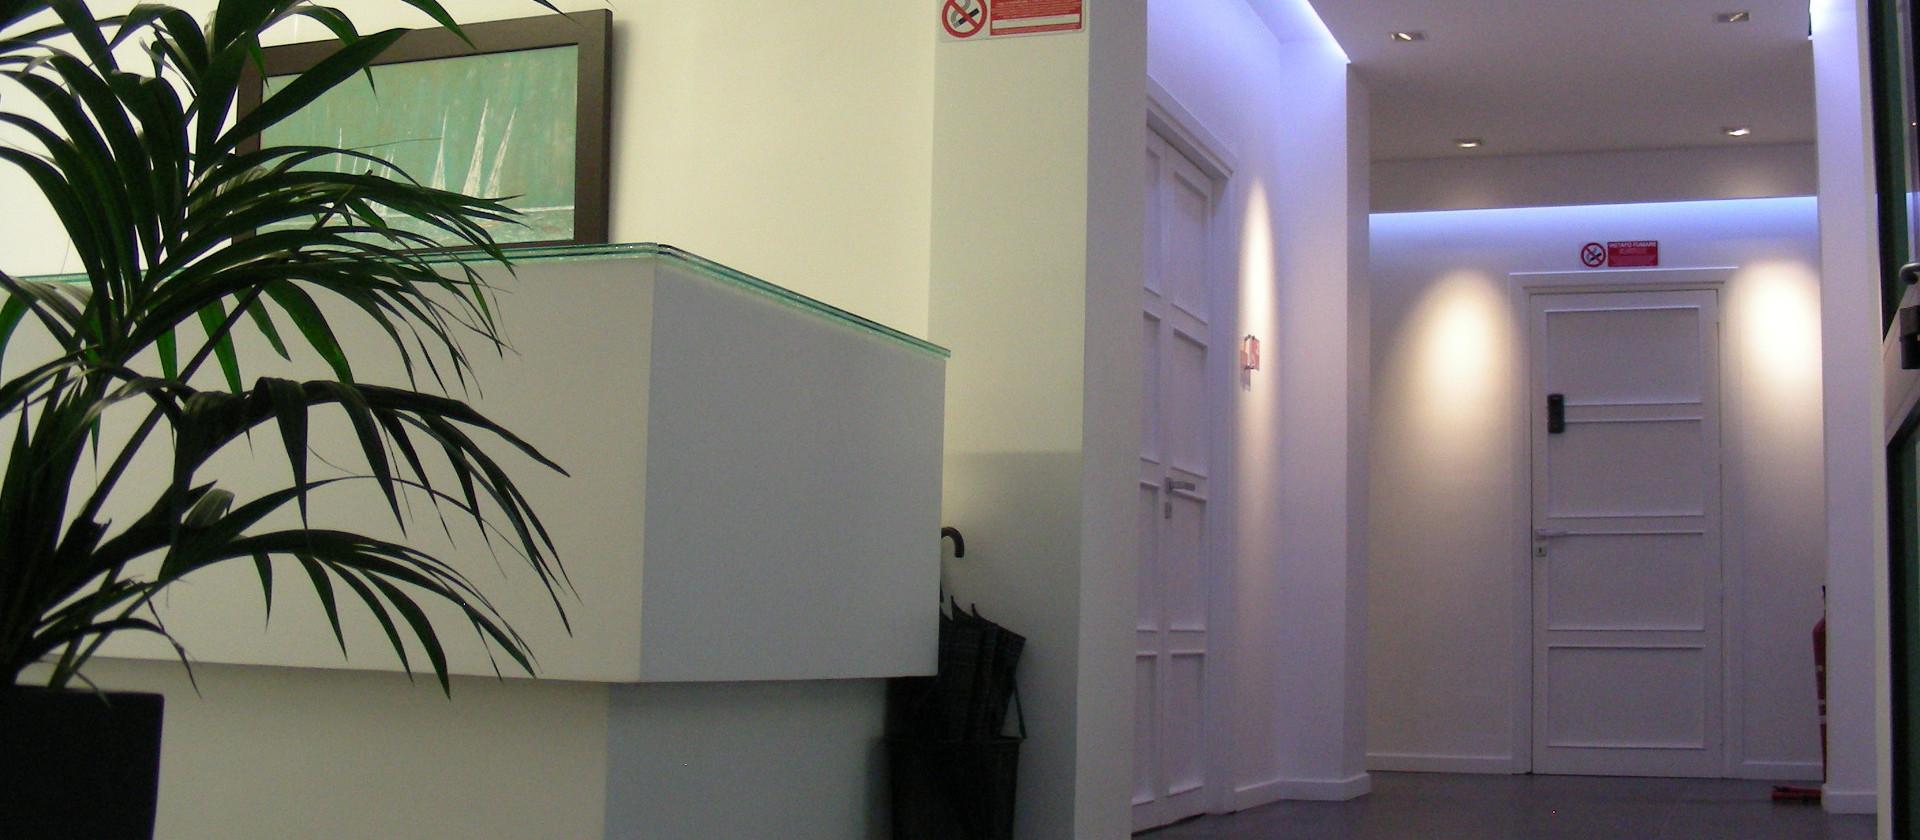 Impianto elettrico ed illuminotecnico di un ufficio